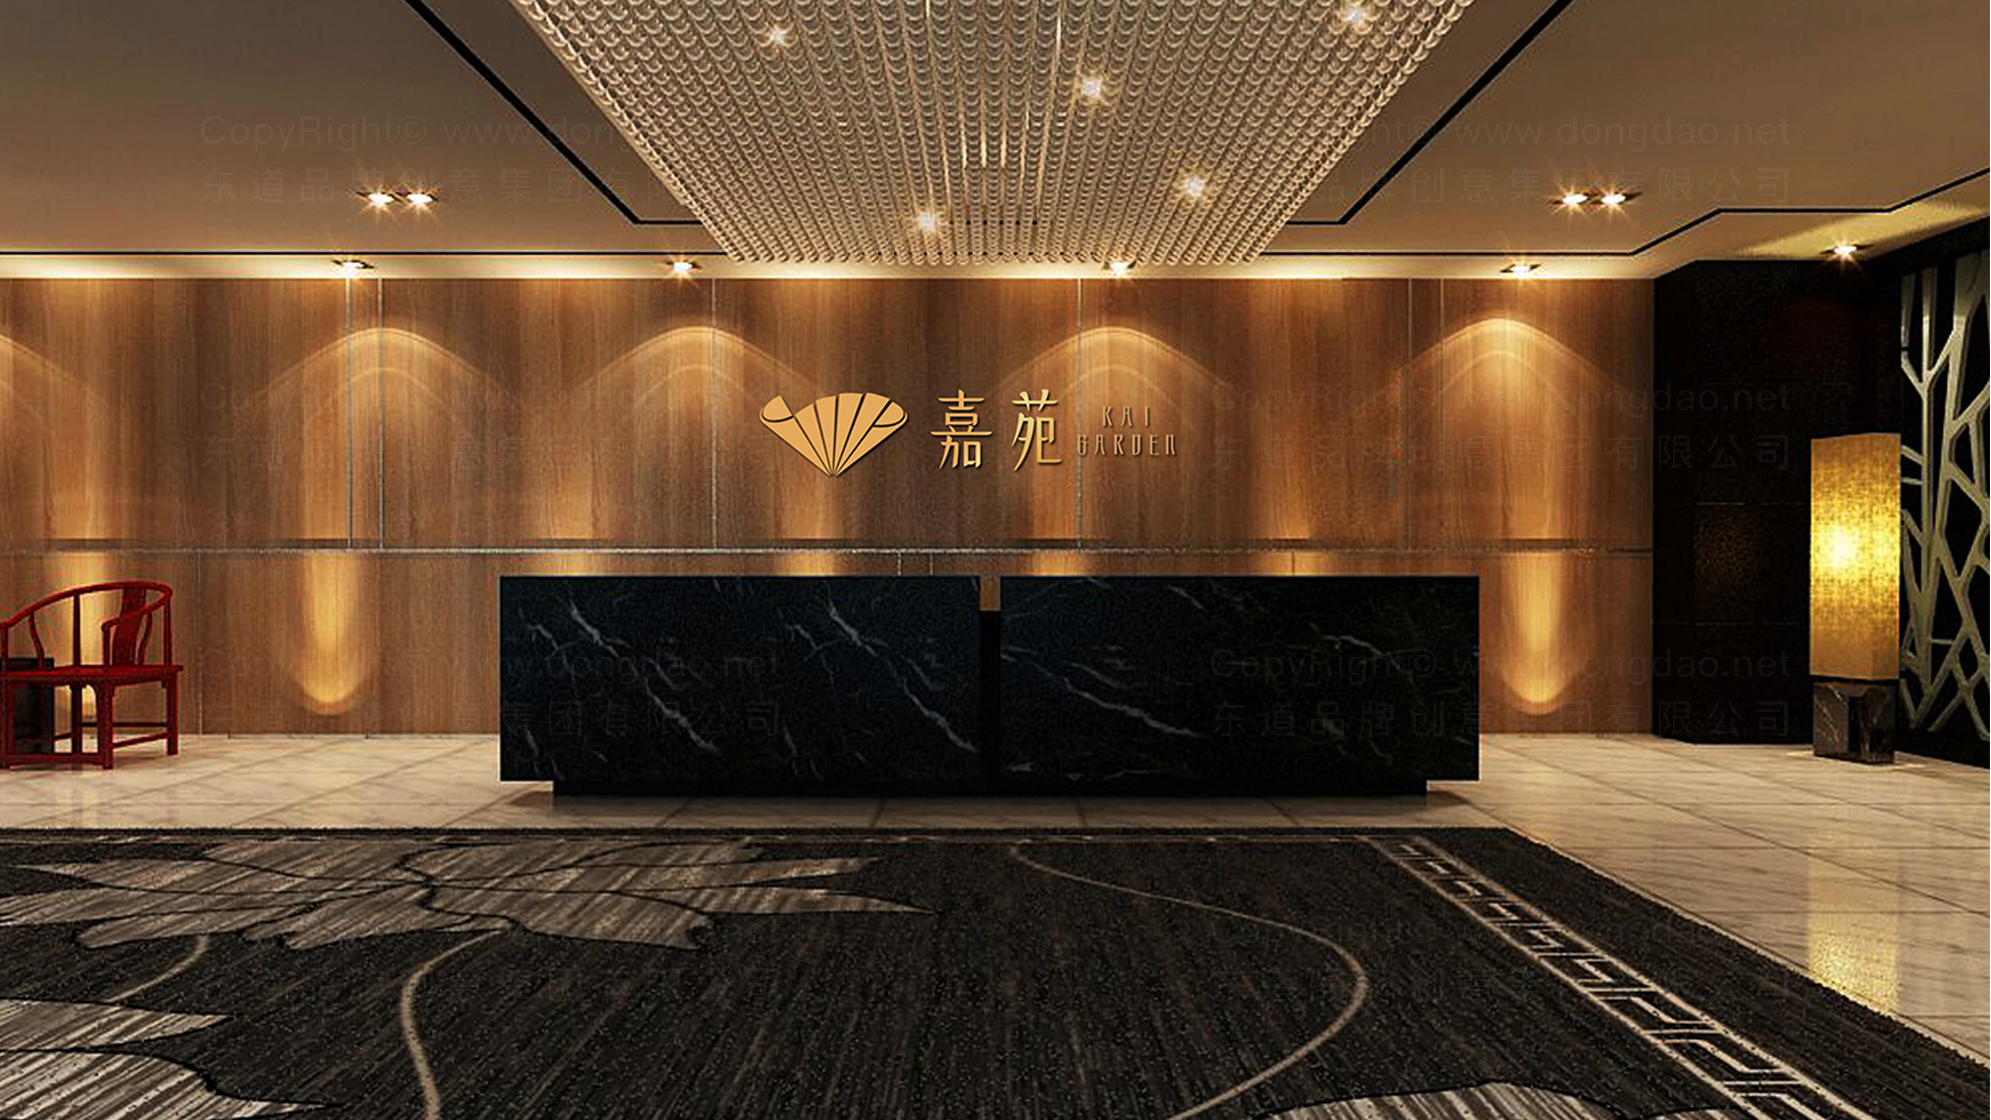 品牌设计嘉苑中餐厅LOGO&VI设计应用场景_5